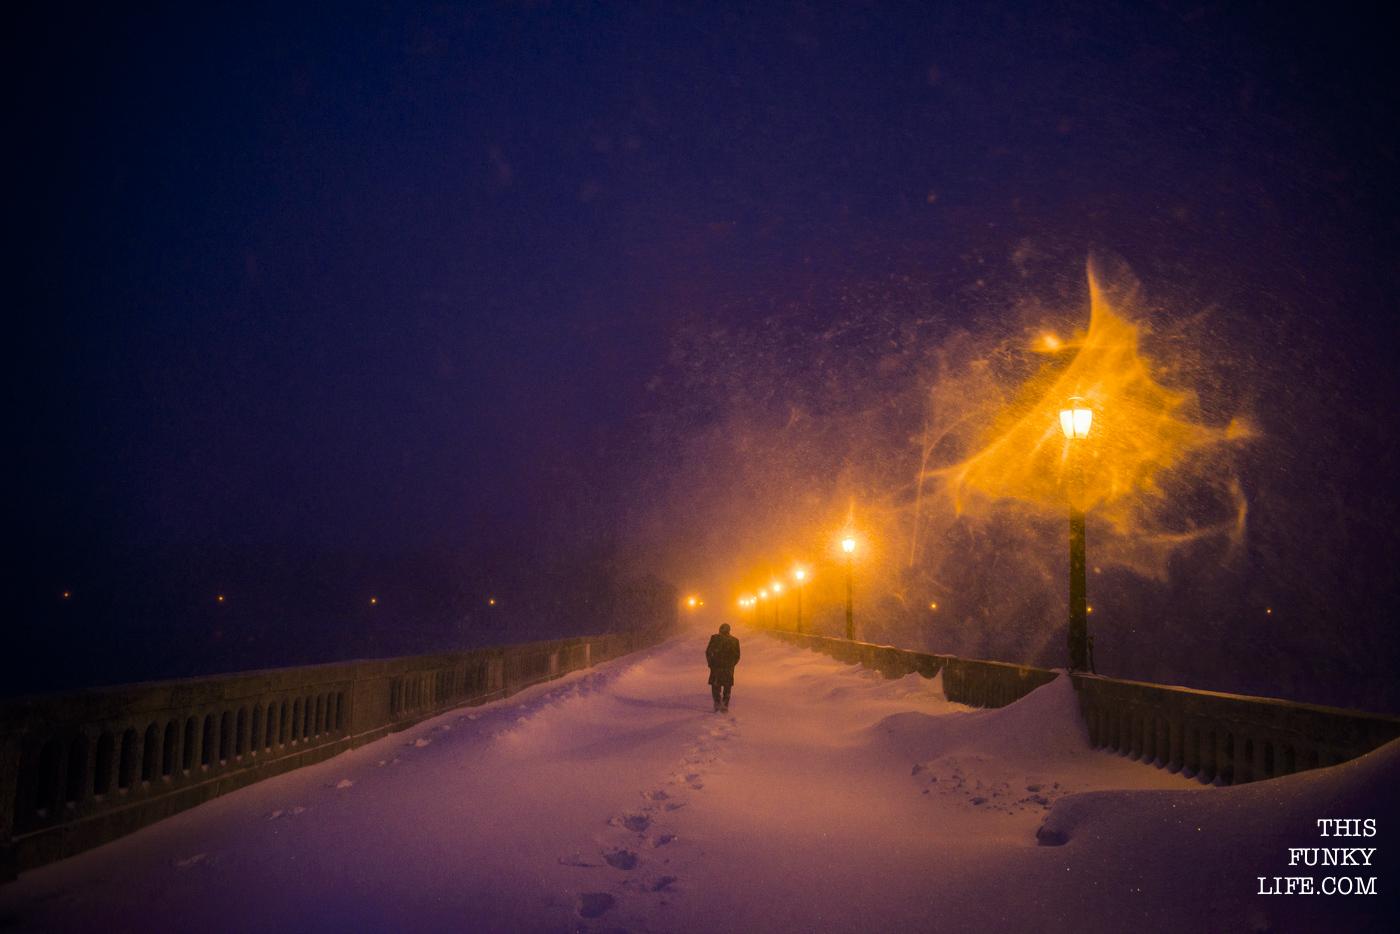 New York in Blizzard